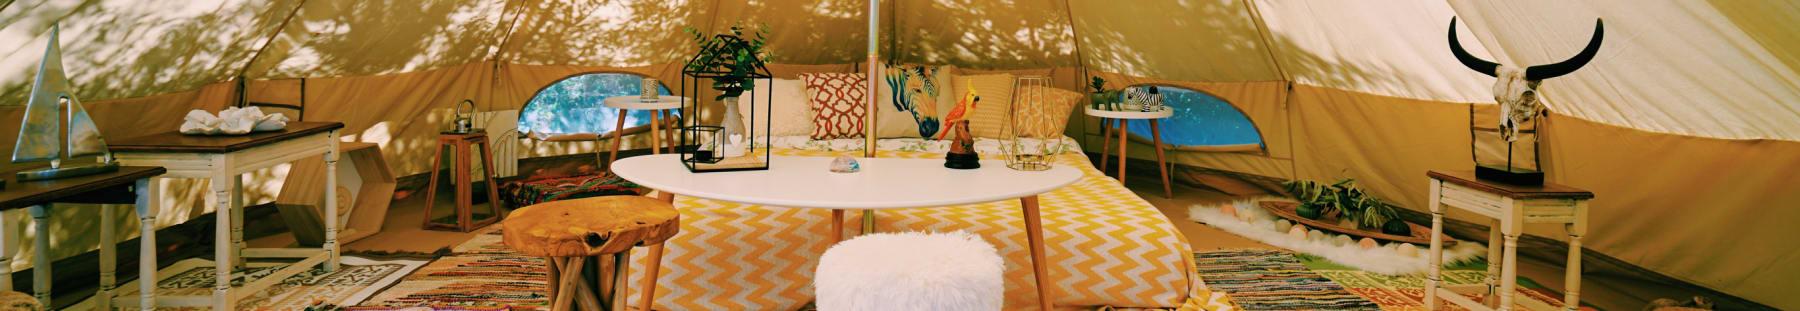 品川駅の屋内キャンプ向けなレンタルスペース